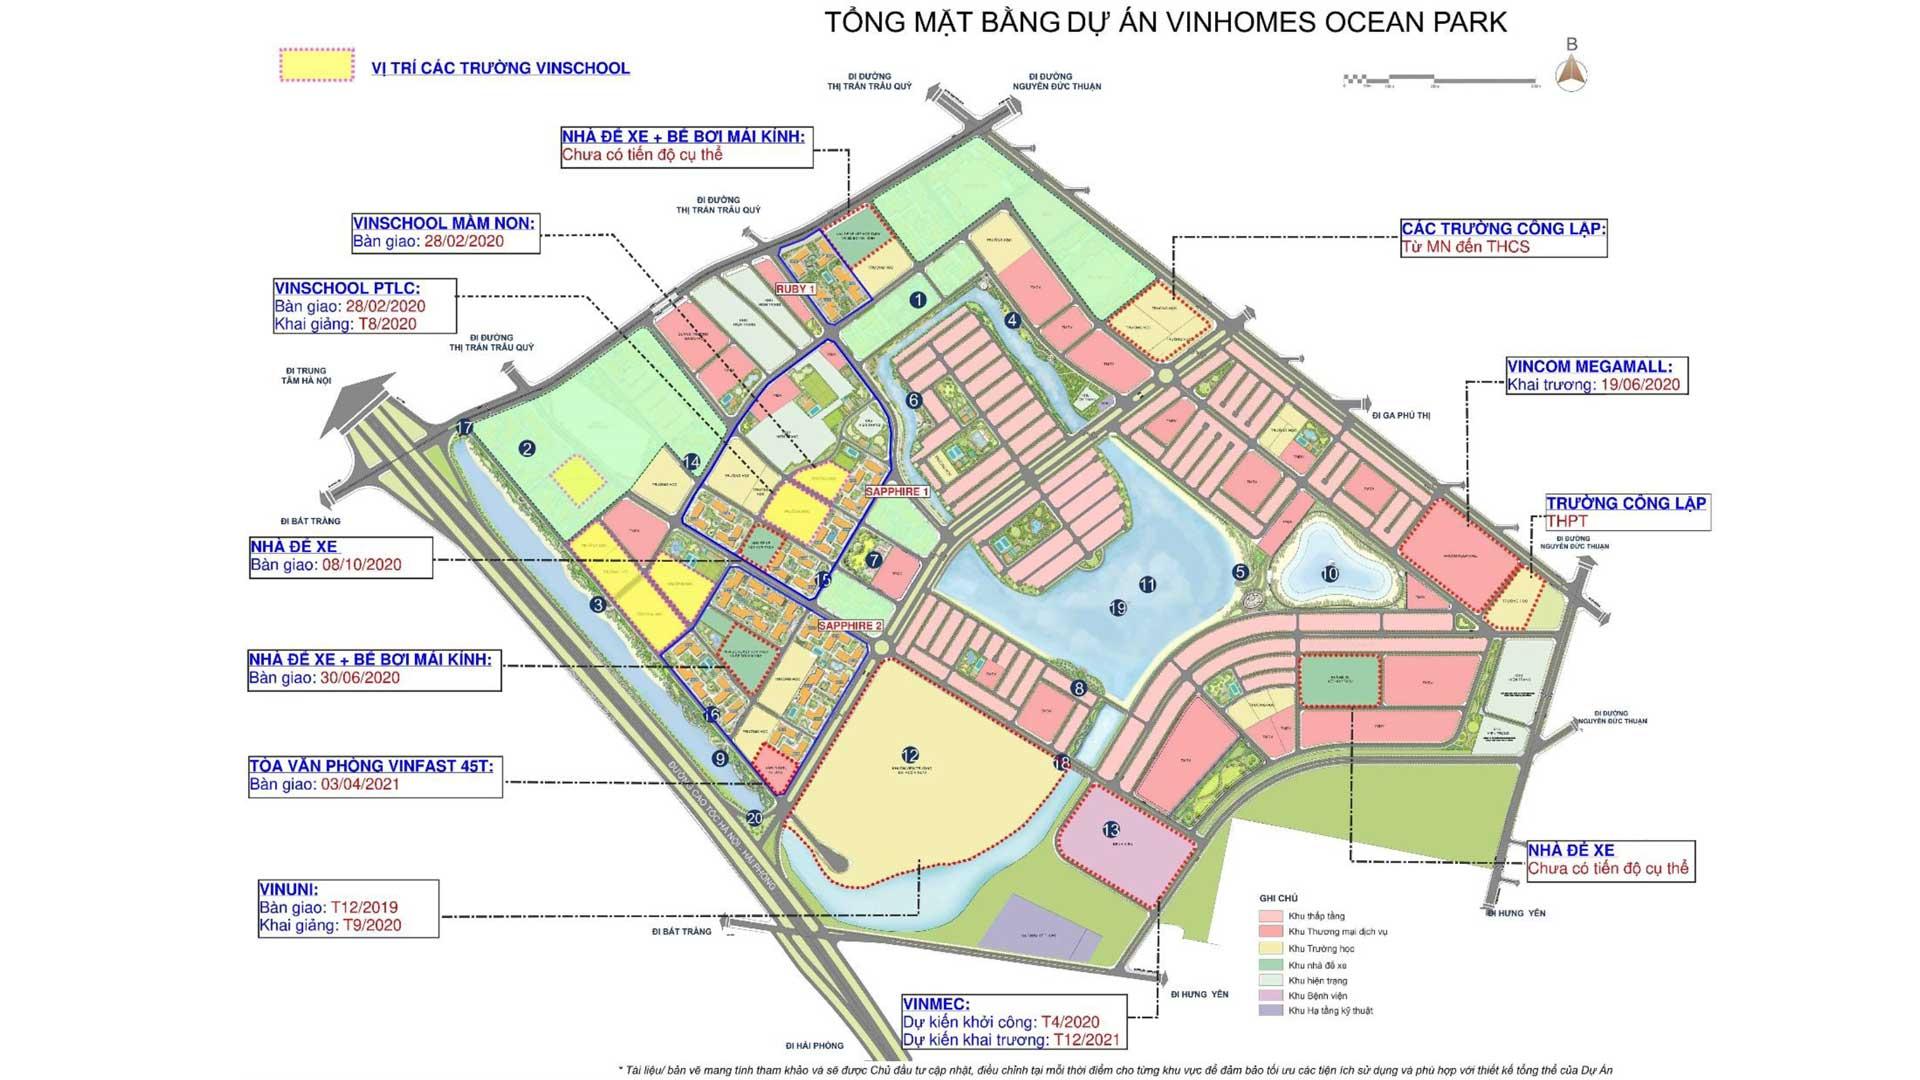 Mặt bằng tổng thể dự án Vinhomes Ocean Park